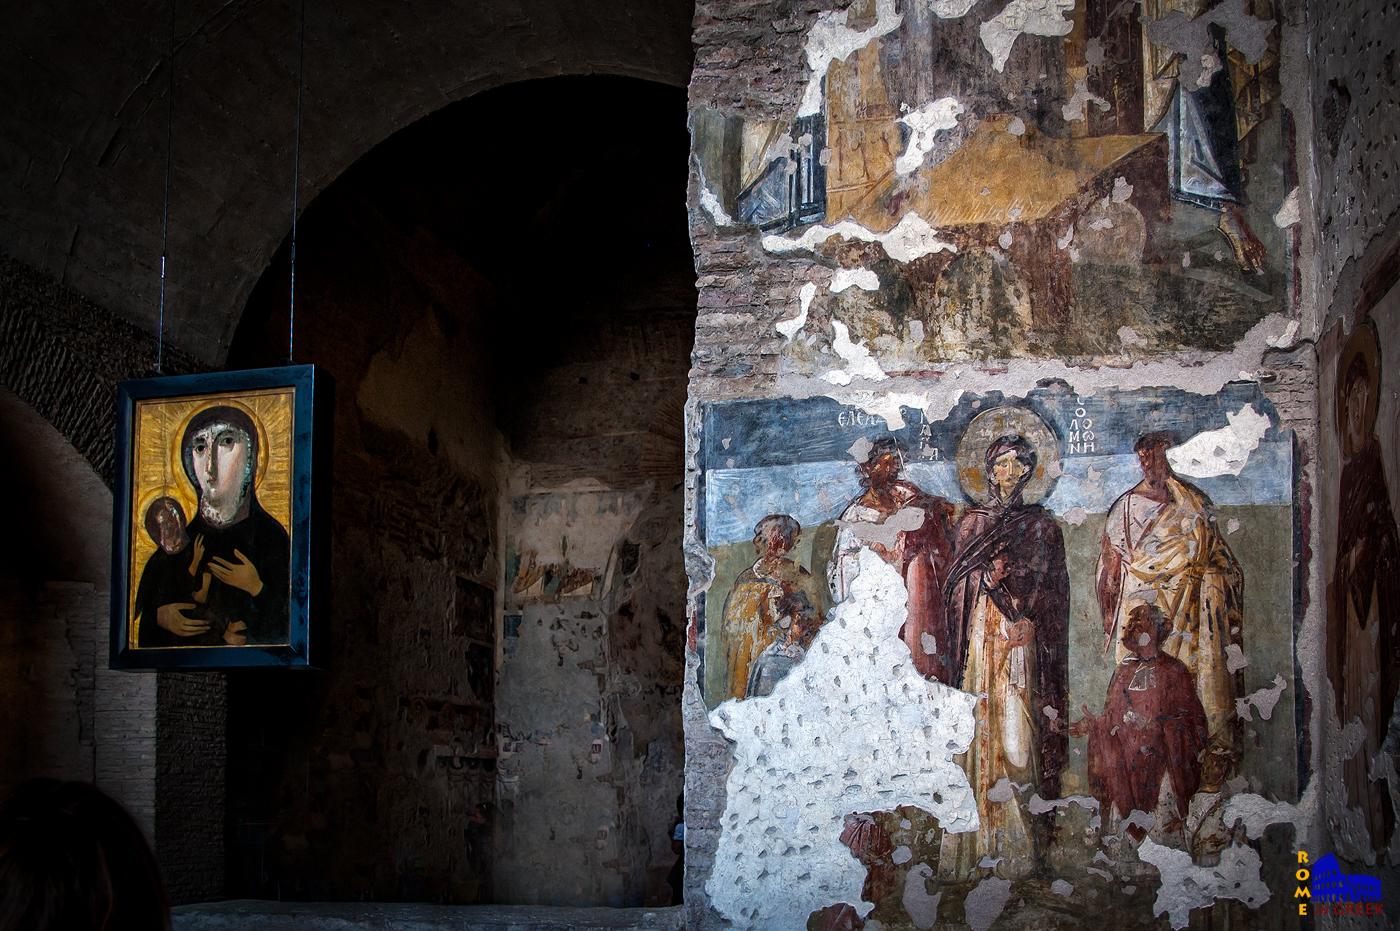 Η Αγία Σολομονή, μητέρα των Αγίων Επτά Μακκαβαίων που μαρτύρησαν στην Συρία επί Αντιόχου και ο διδάσκαλός τους Ελεάζαρος.